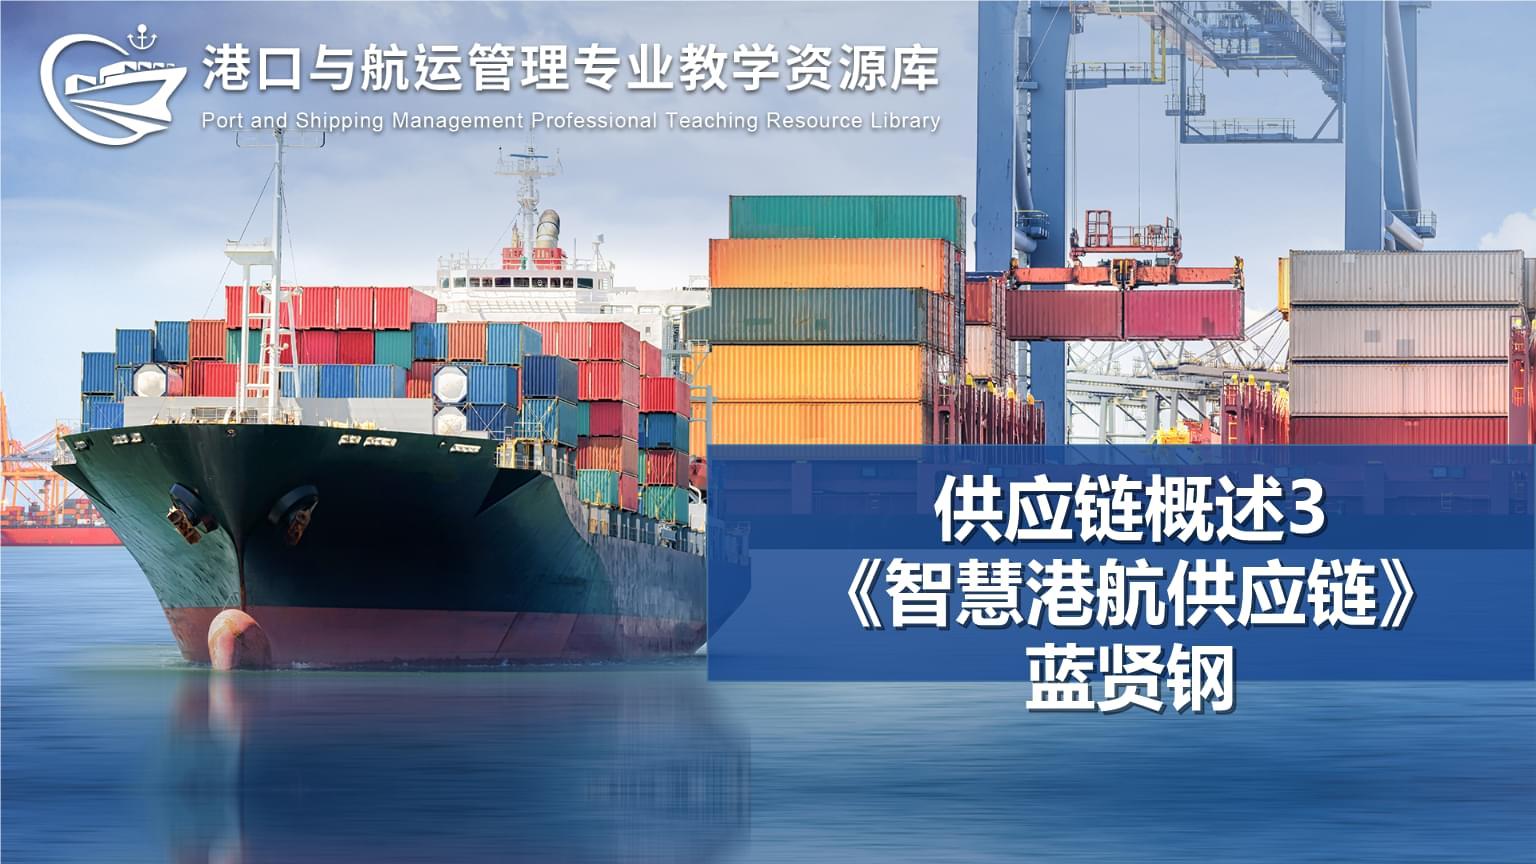 智慧港航供应链 智慧港航供应链管理导论 供应链概述3-供应链类型与特征.pptx